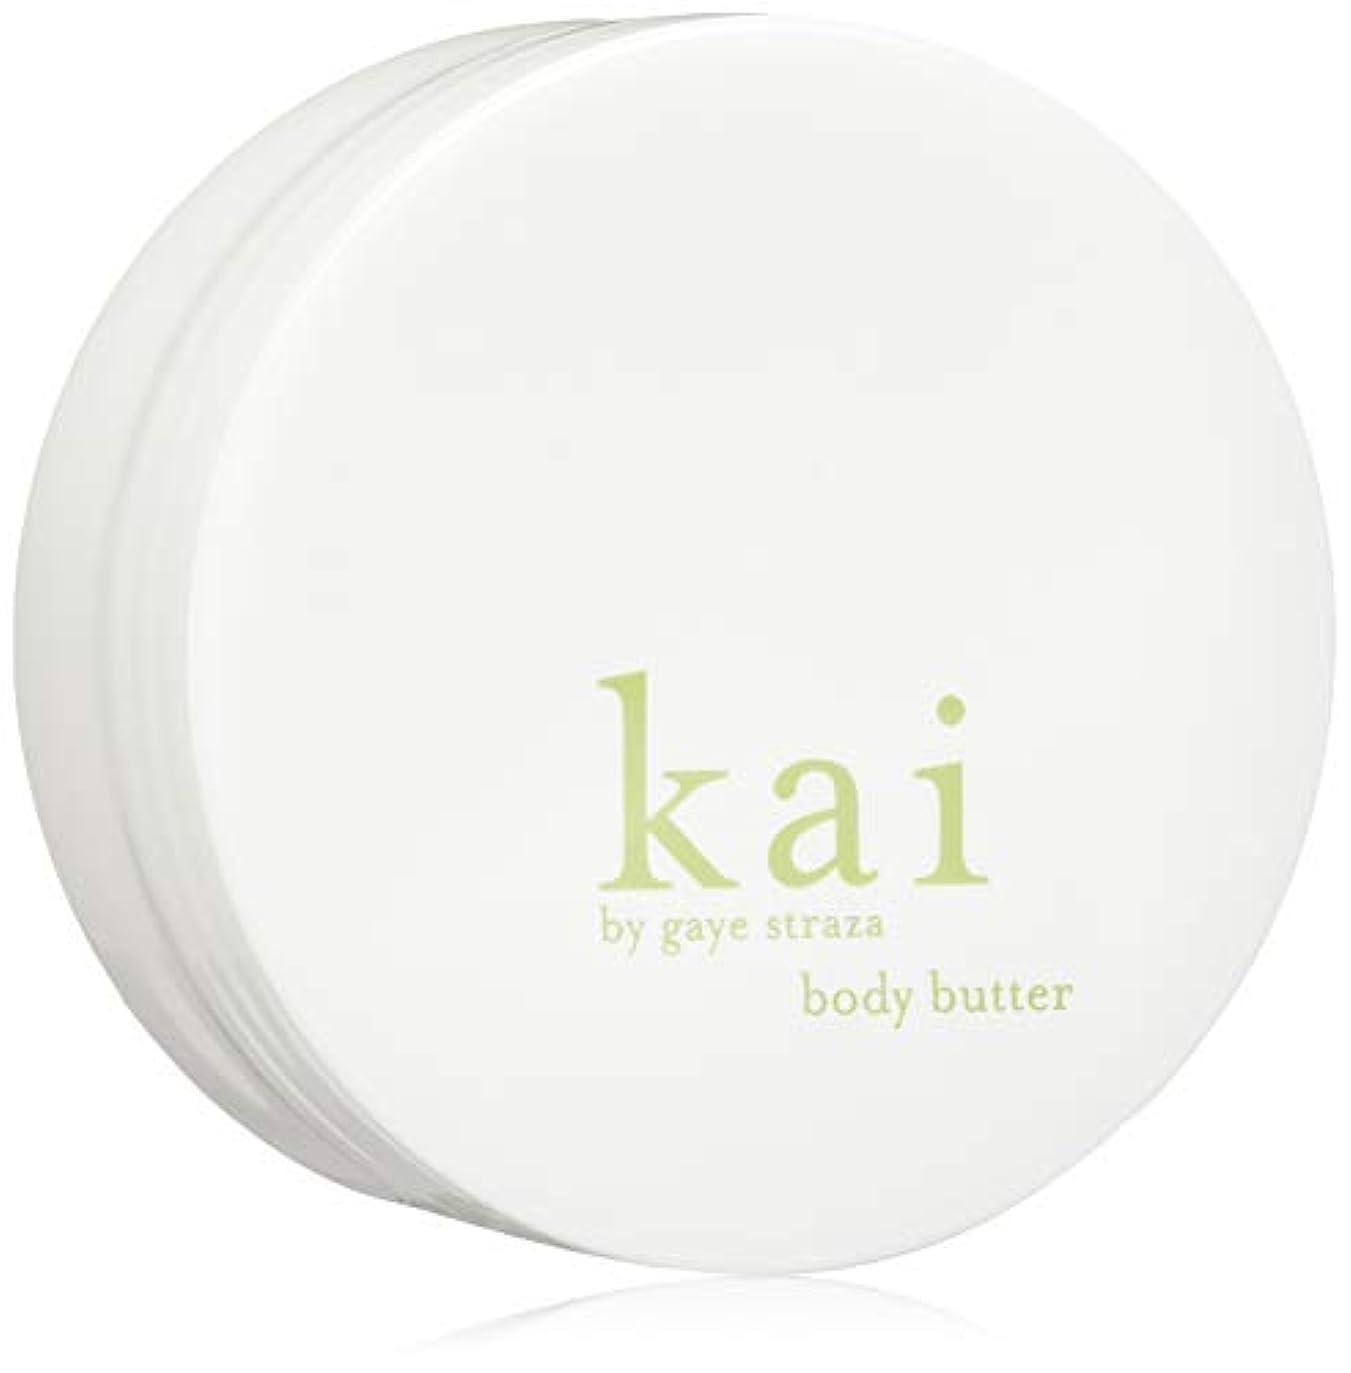 批判的にコンドーム定刻kai fragrance(カイ フレグランス) ボディバター 181g